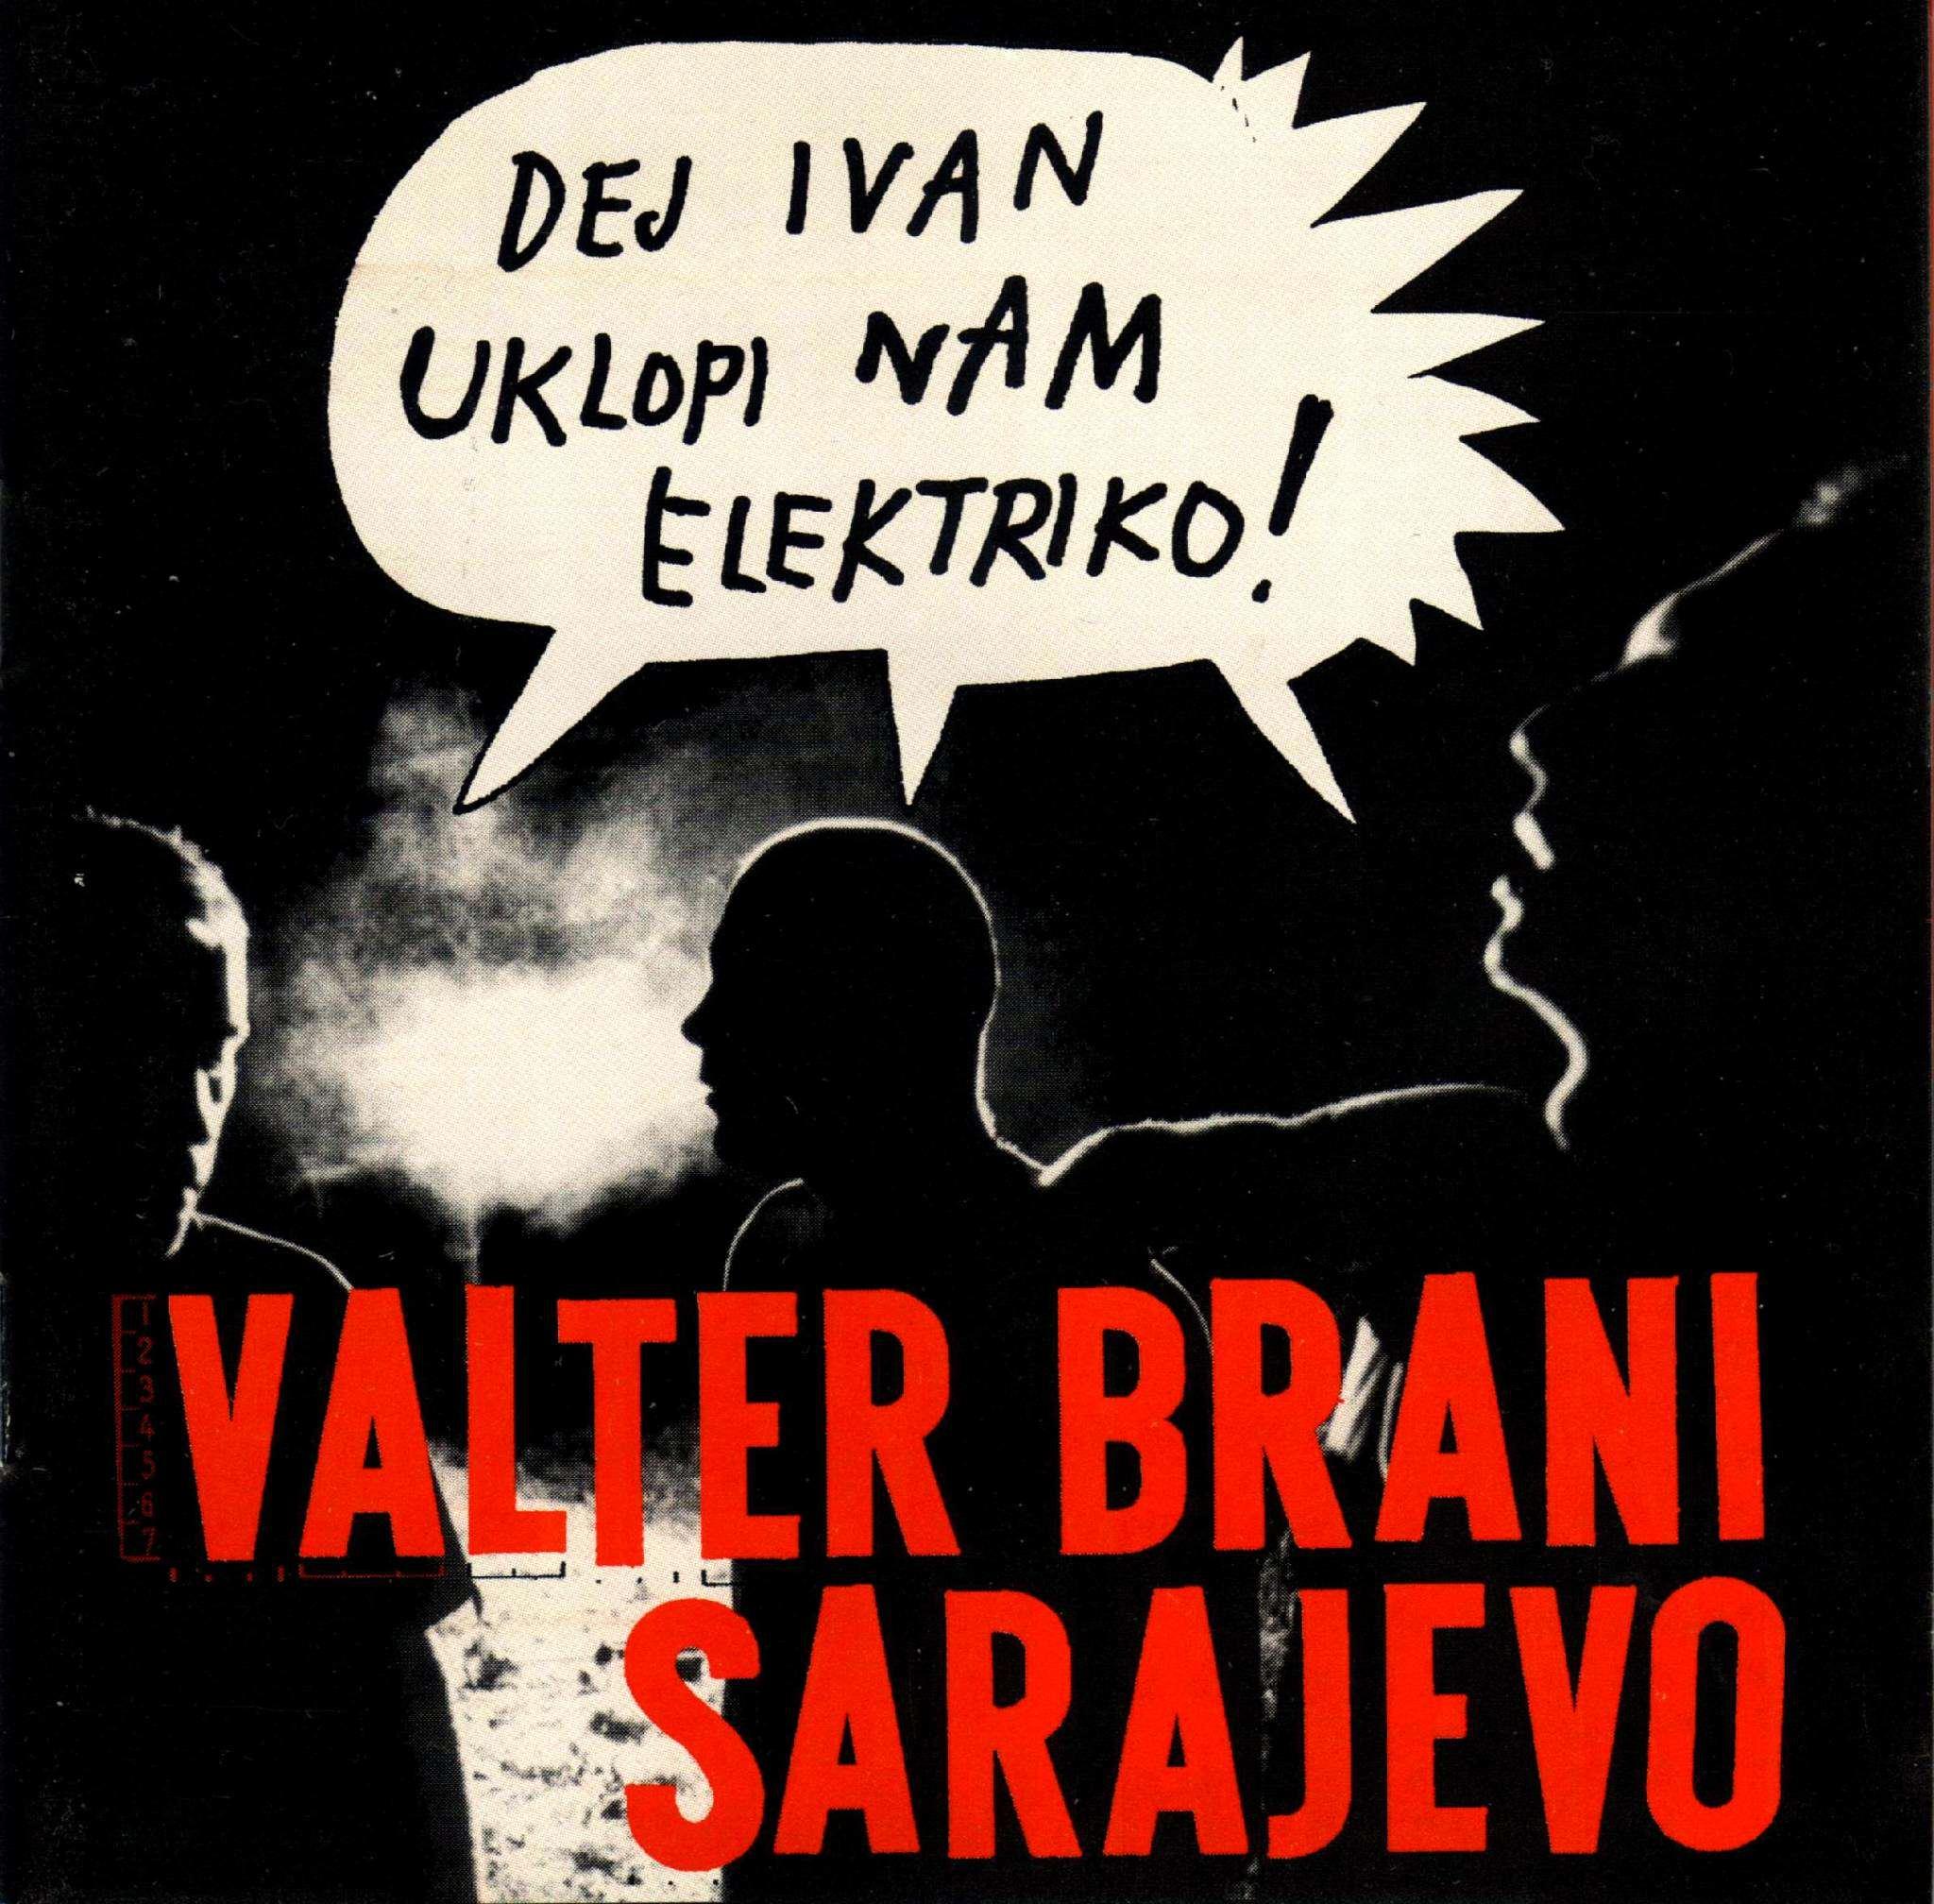 Valter Brani Sarajevo – Dej Ivan Uklopi Nam Elektriko!